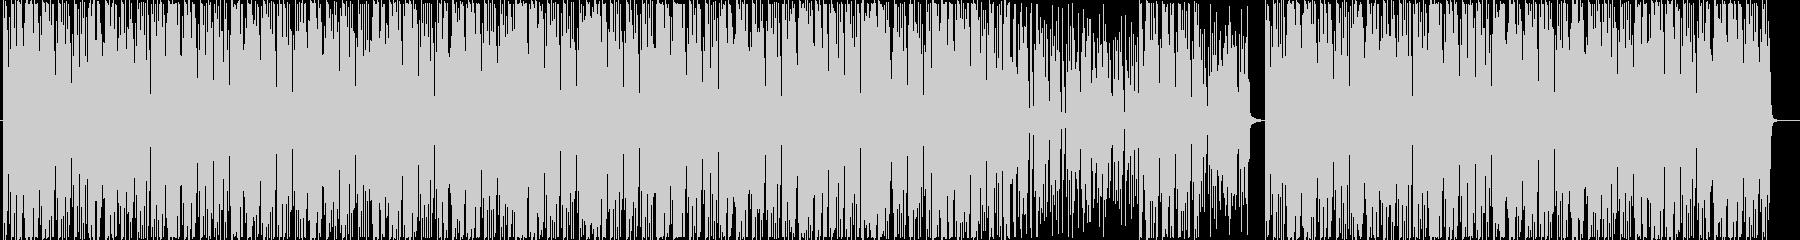 80's エレクトロサウンド の未再生の波形